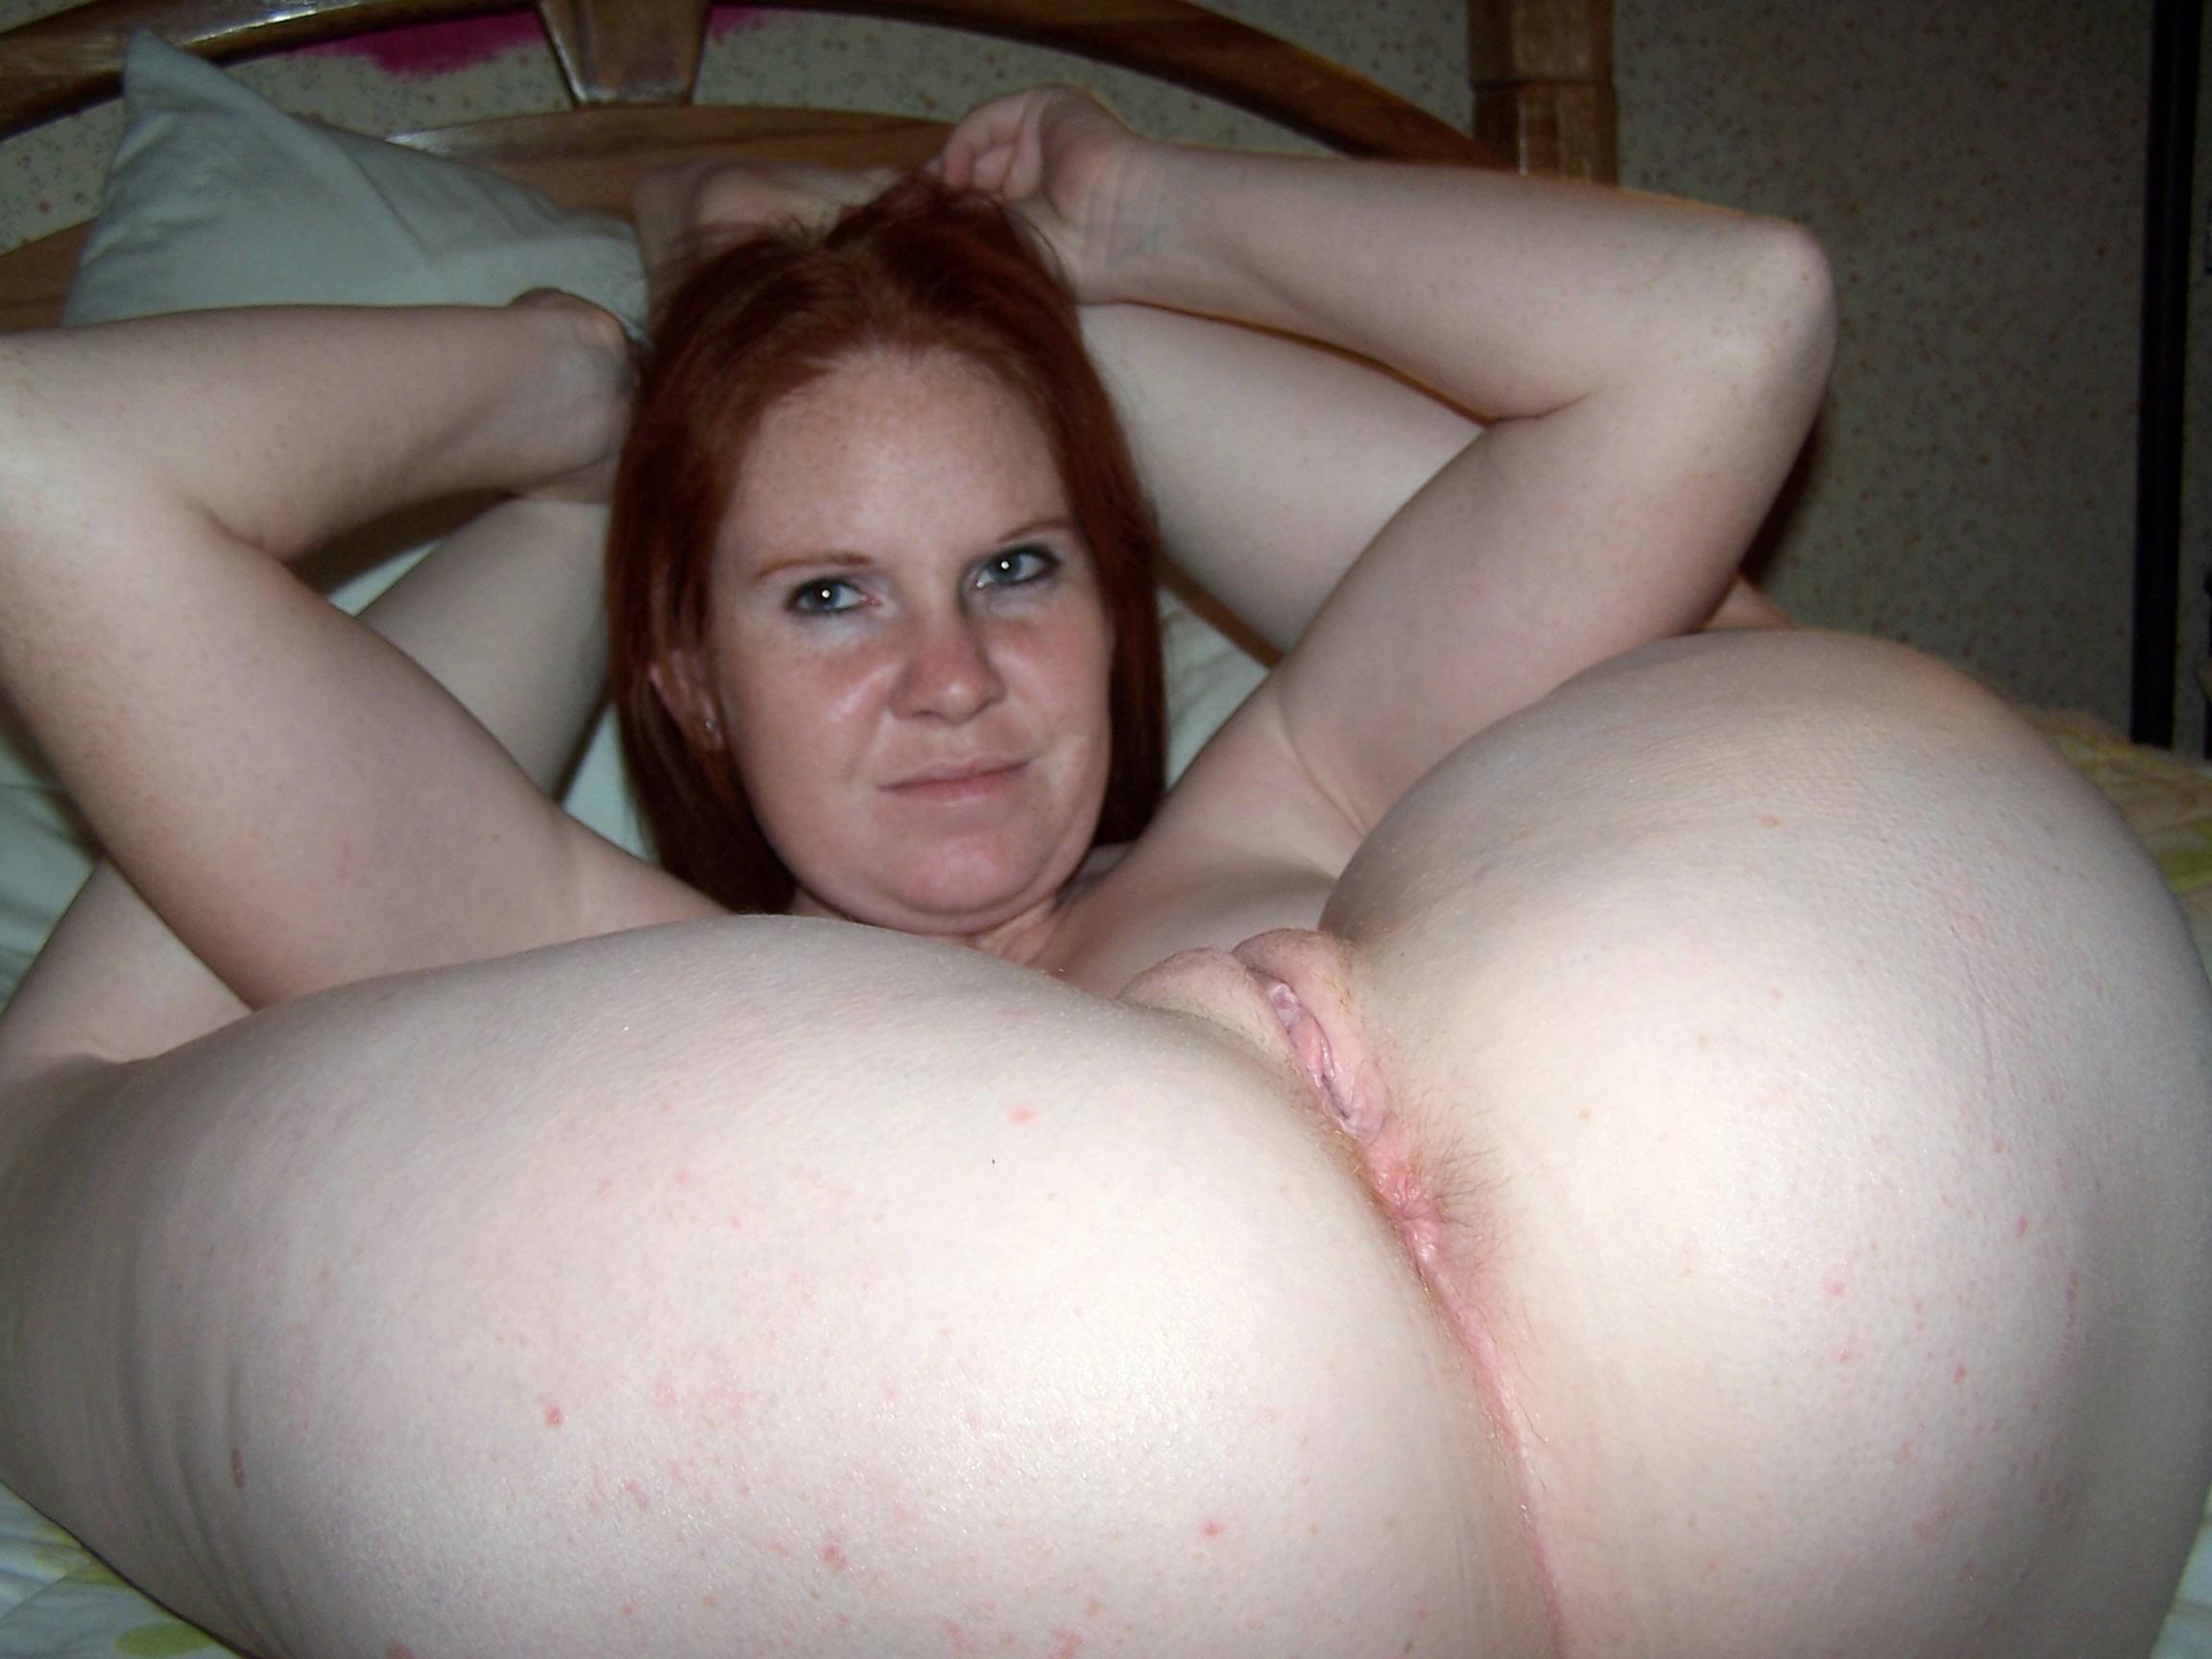 Bbc Amateur Francais Violent Porn chubby red head amateur - free porn pics, hot sex photos and